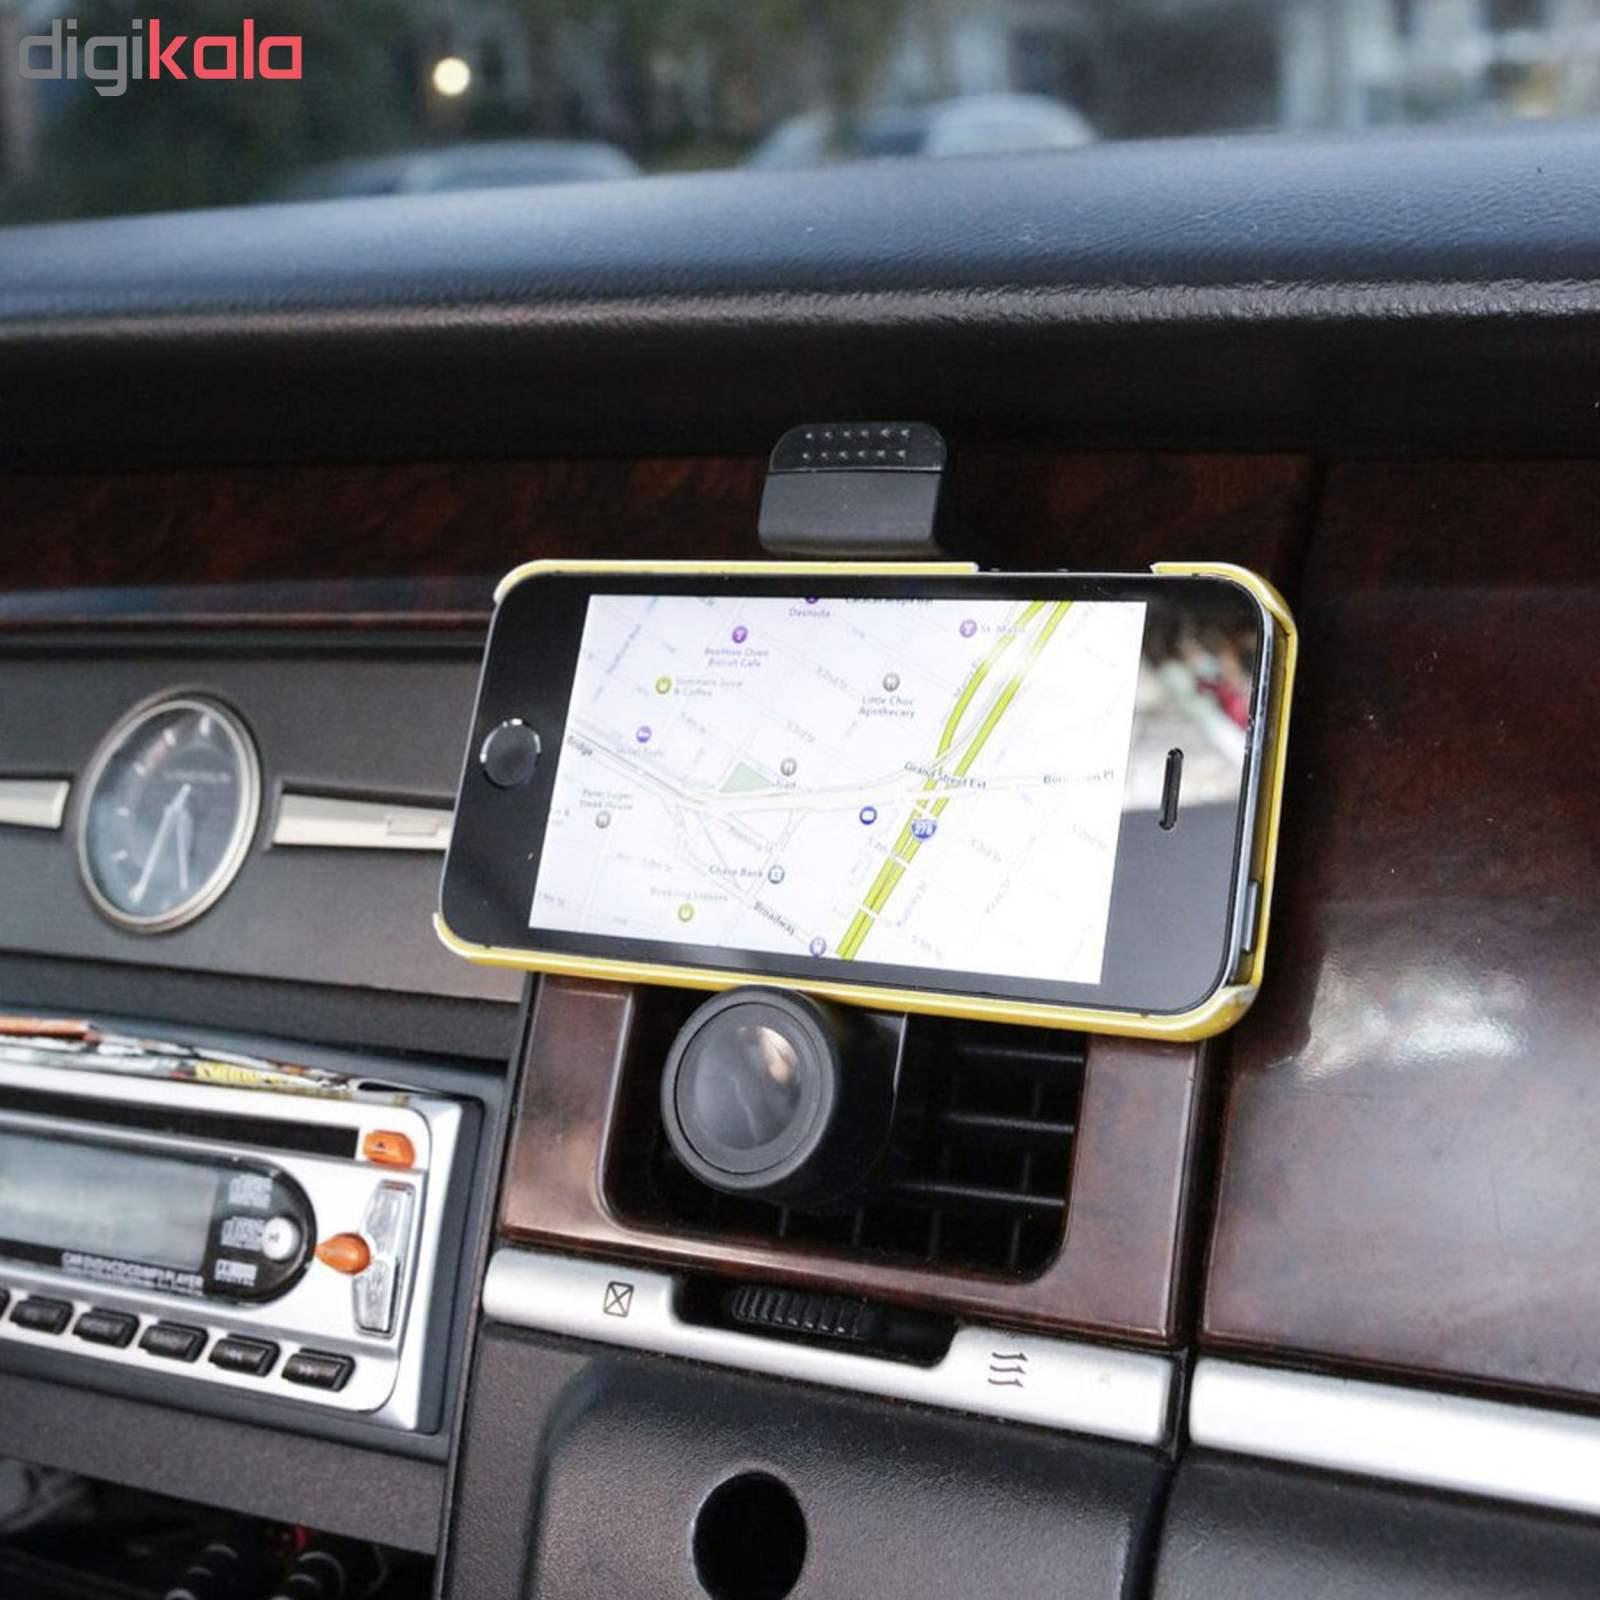 پایه نگهدارنده گوشی موبایل کیکرلند مدل US97 main 1 7